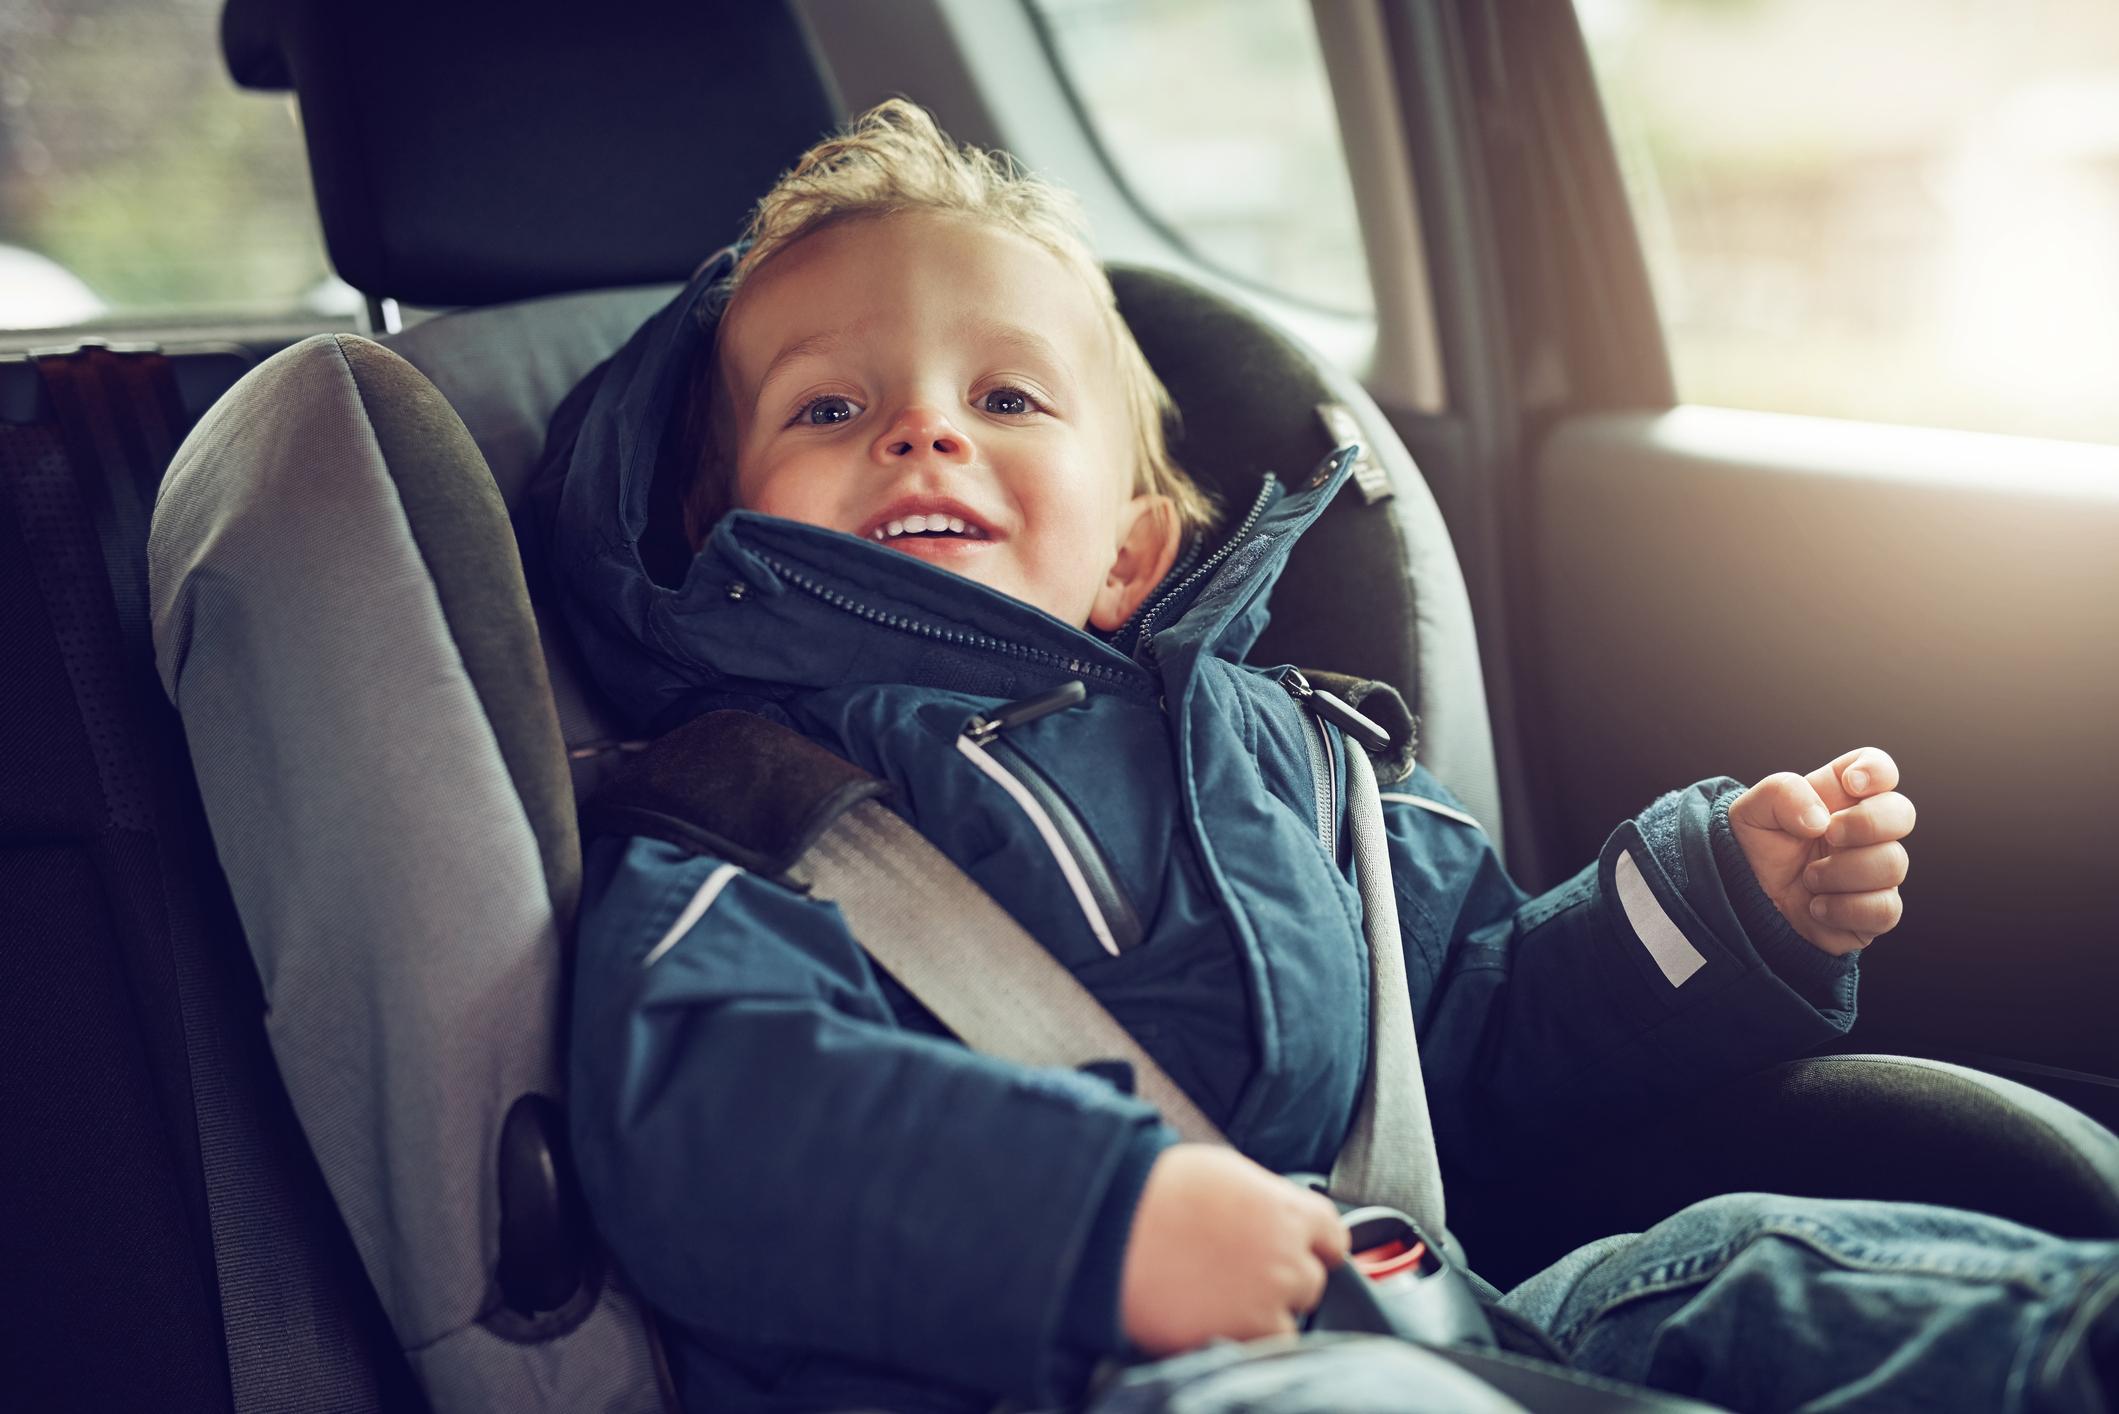 Нова категорія Kids від Bolt: безпечні поїздки з дітьми - transport, startups, news